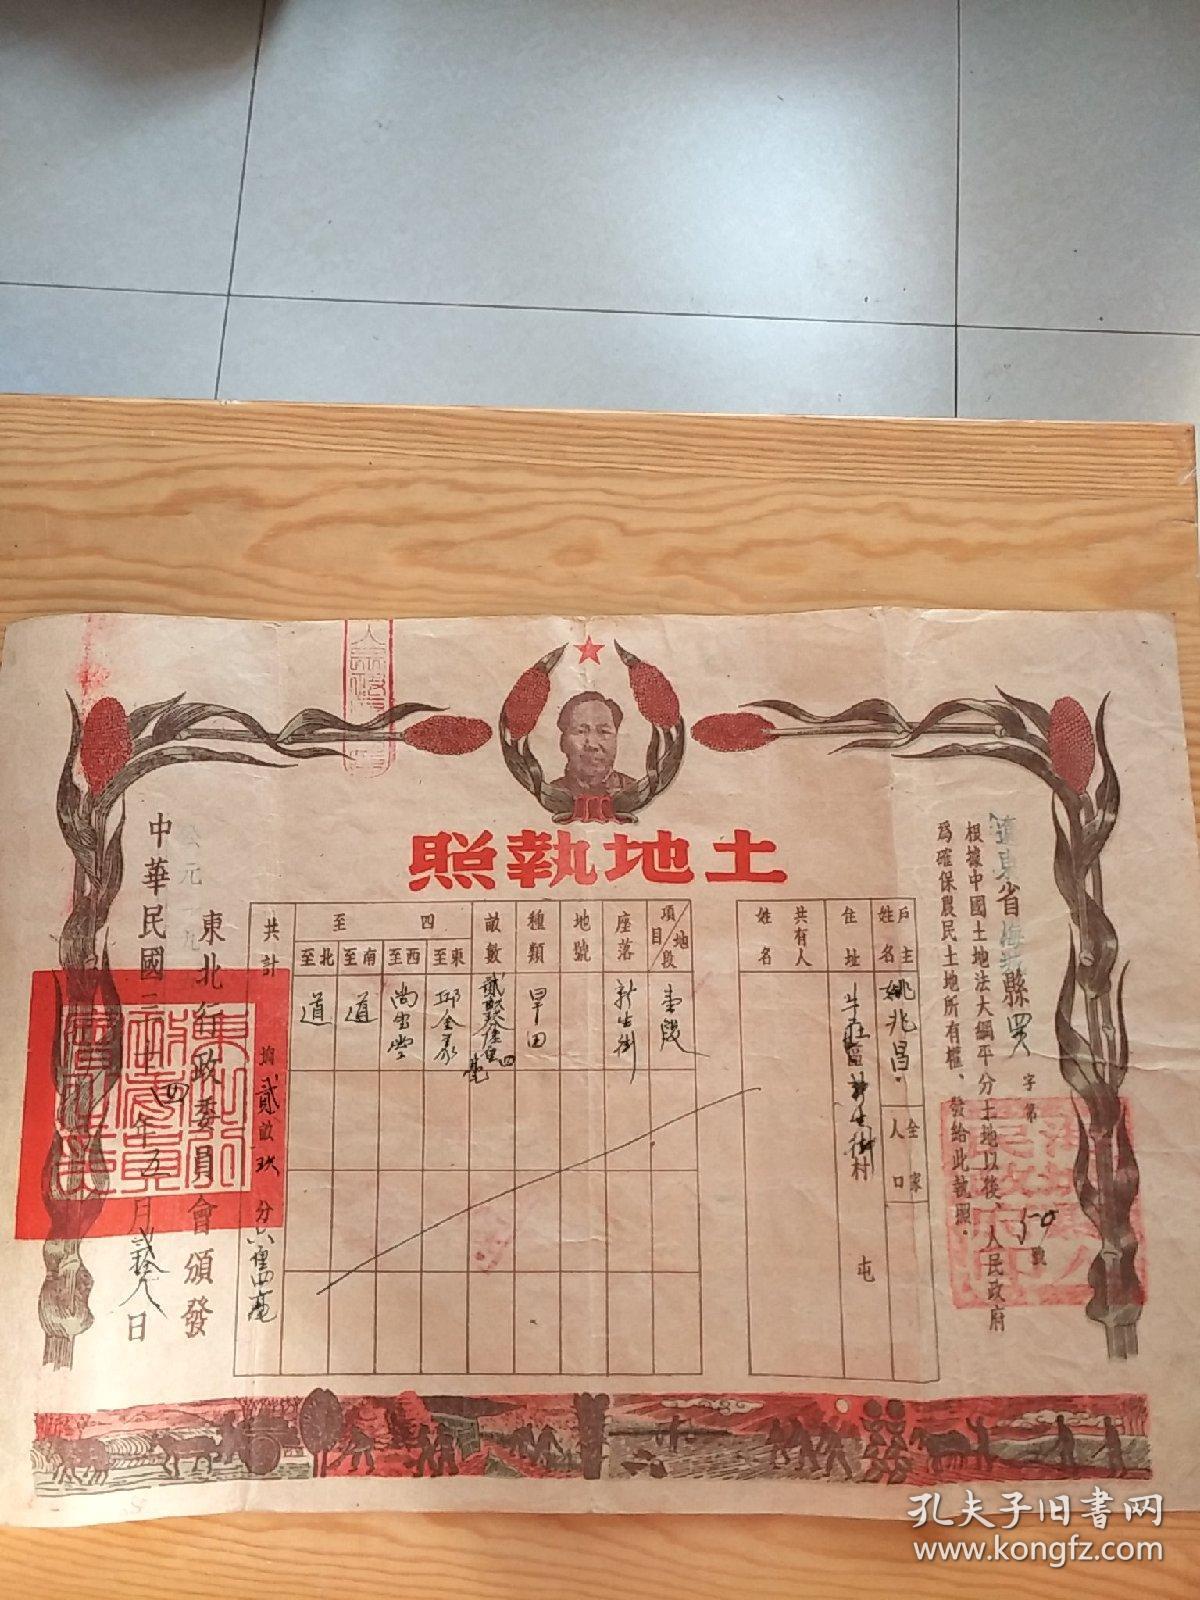 土地執照,中华民国三十四年,遼东省海城县